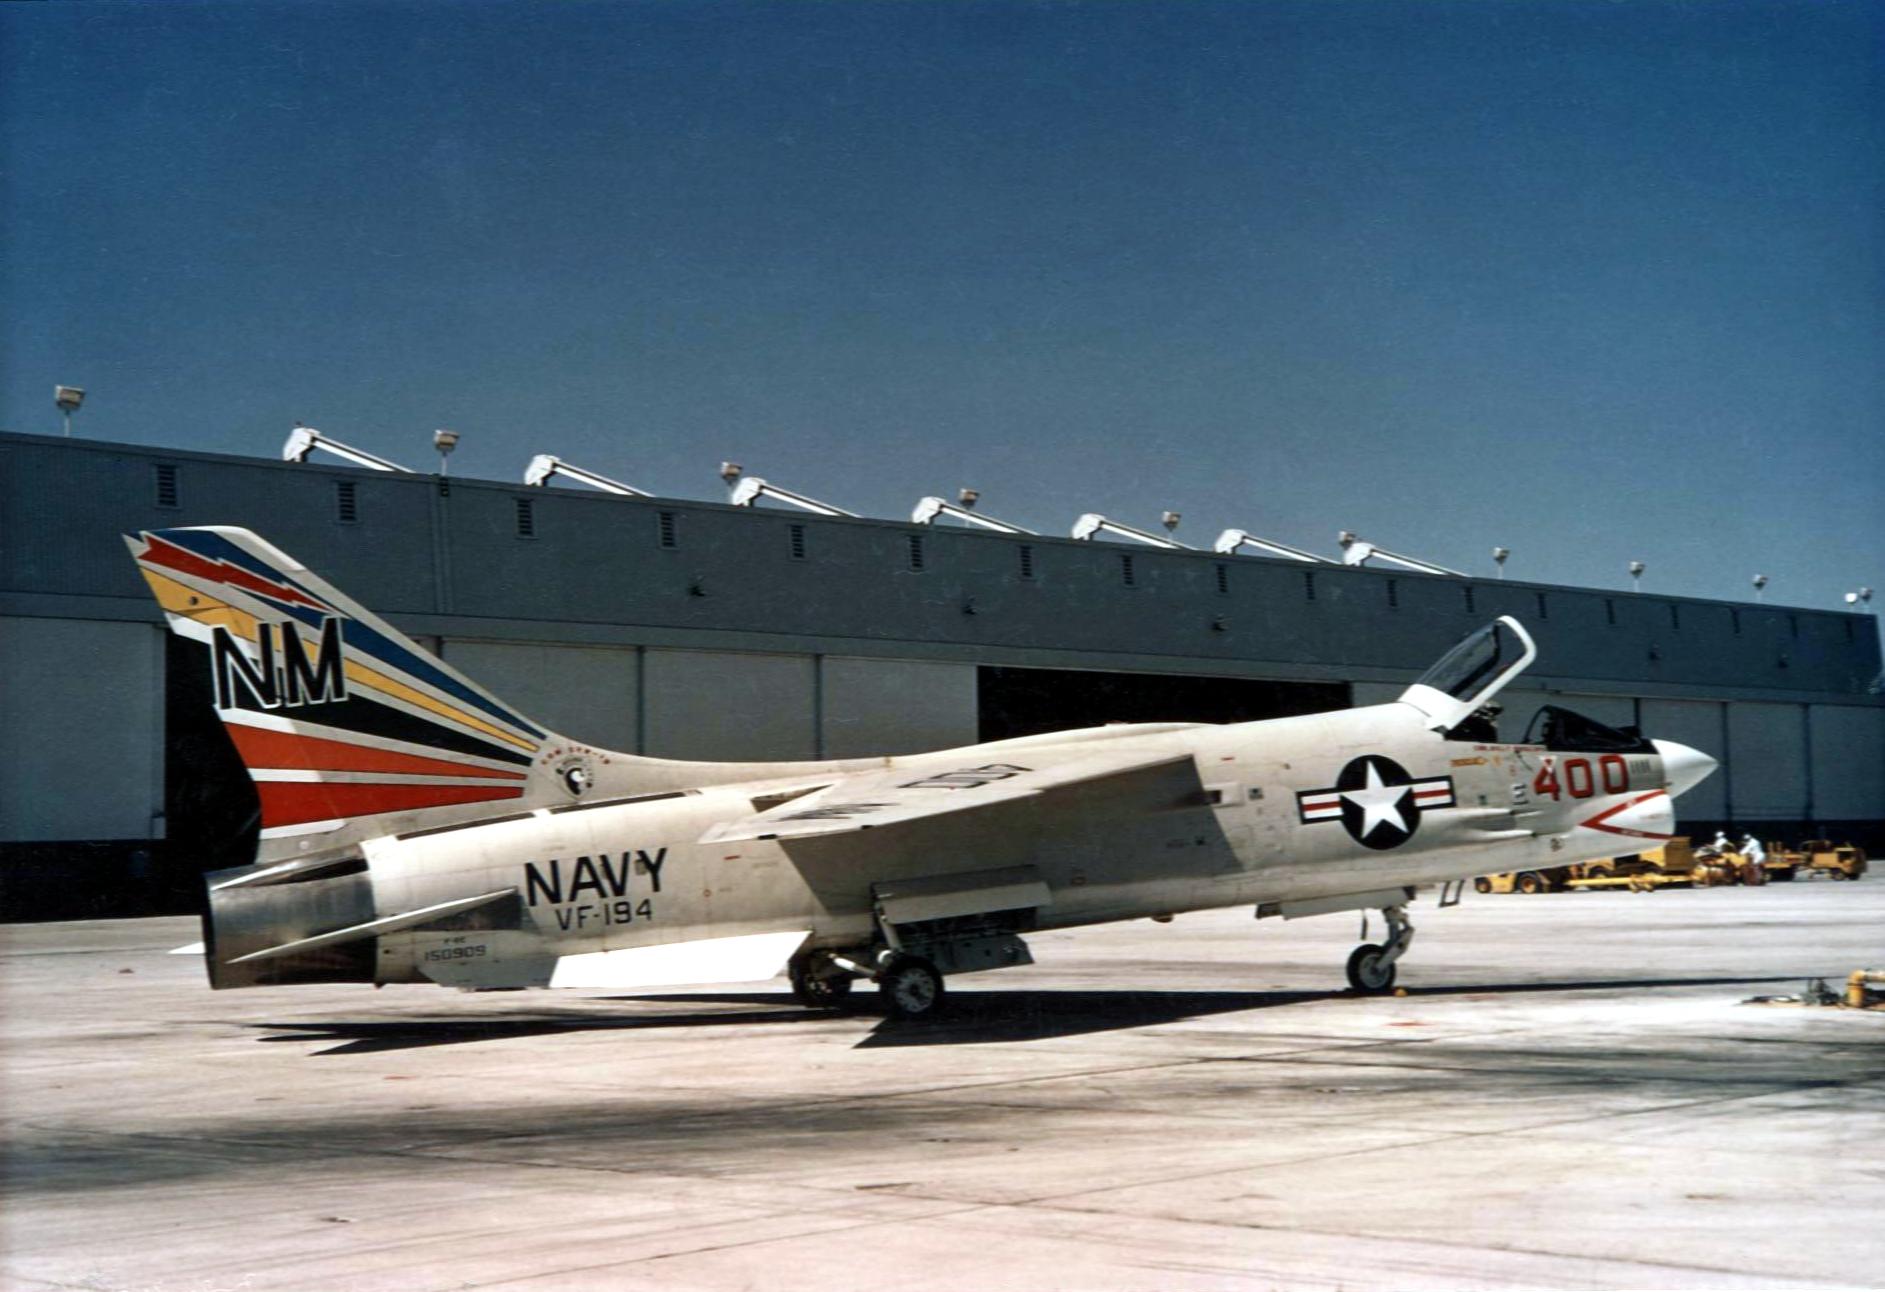 F-8E_Crusader_VF-194_CAG-bird_at_NAS_Mir